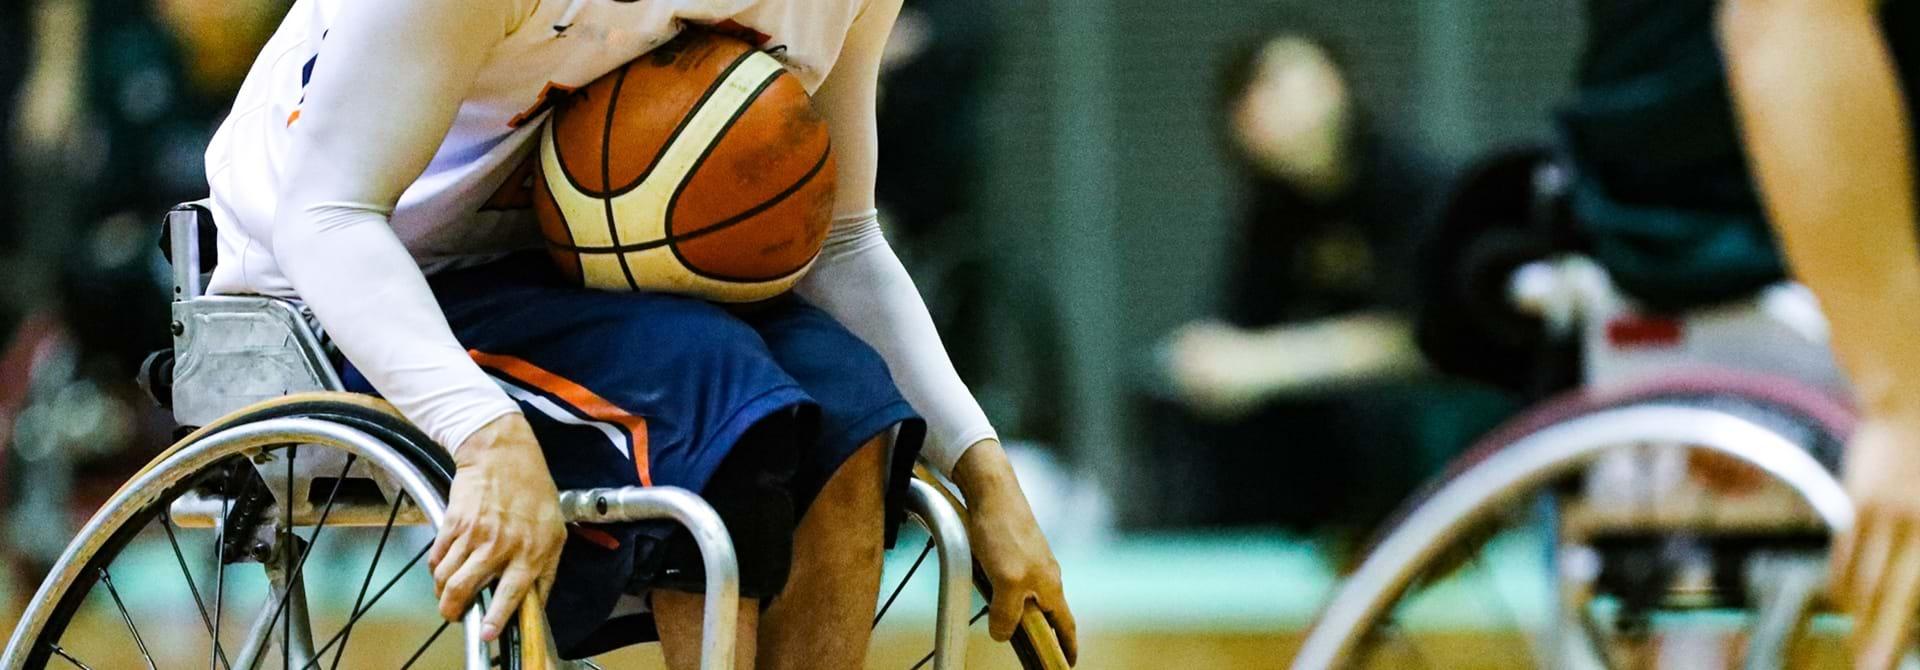 Basket Kørestol Web